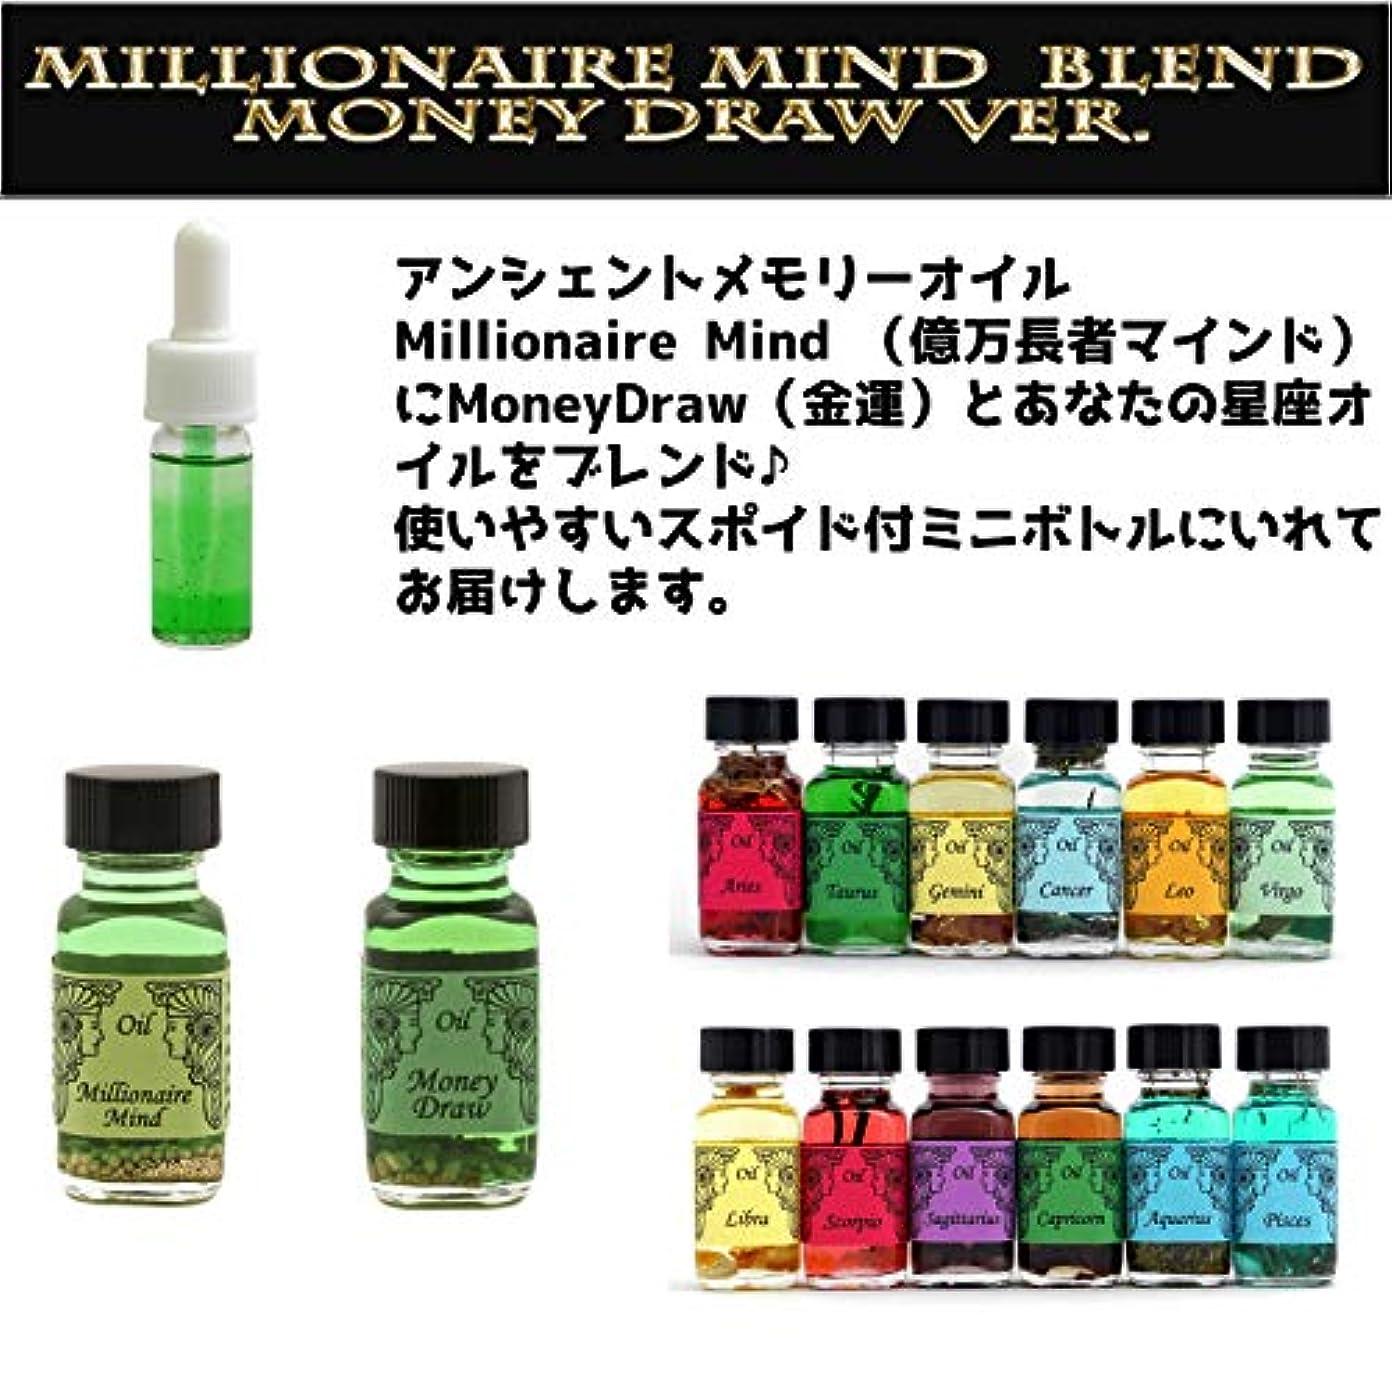 申請中予見するキルトアンシェントメモリーオイル Millionaire Mind 億万長者マインド ブレンド(Money Drawマネードロー(金運)&ふたご座